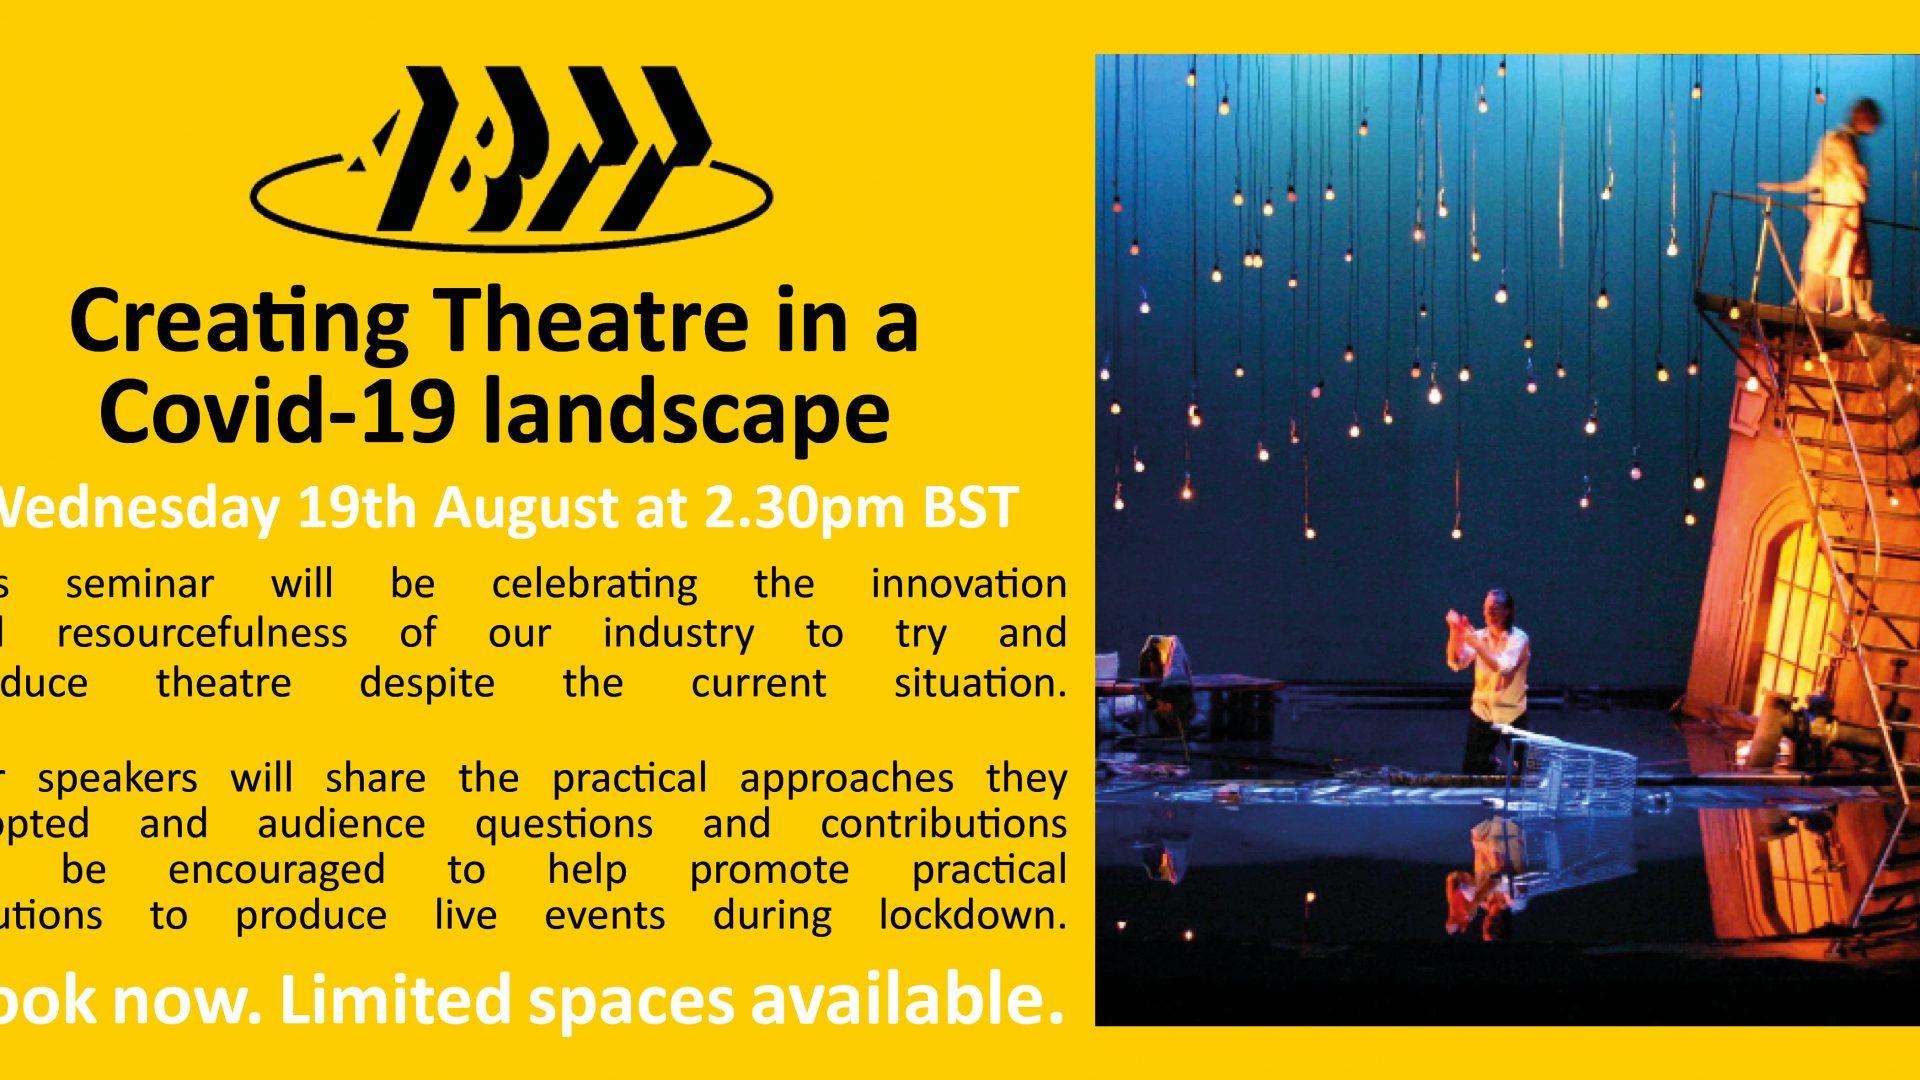 Creating Theatre in a Covid-19 landscape